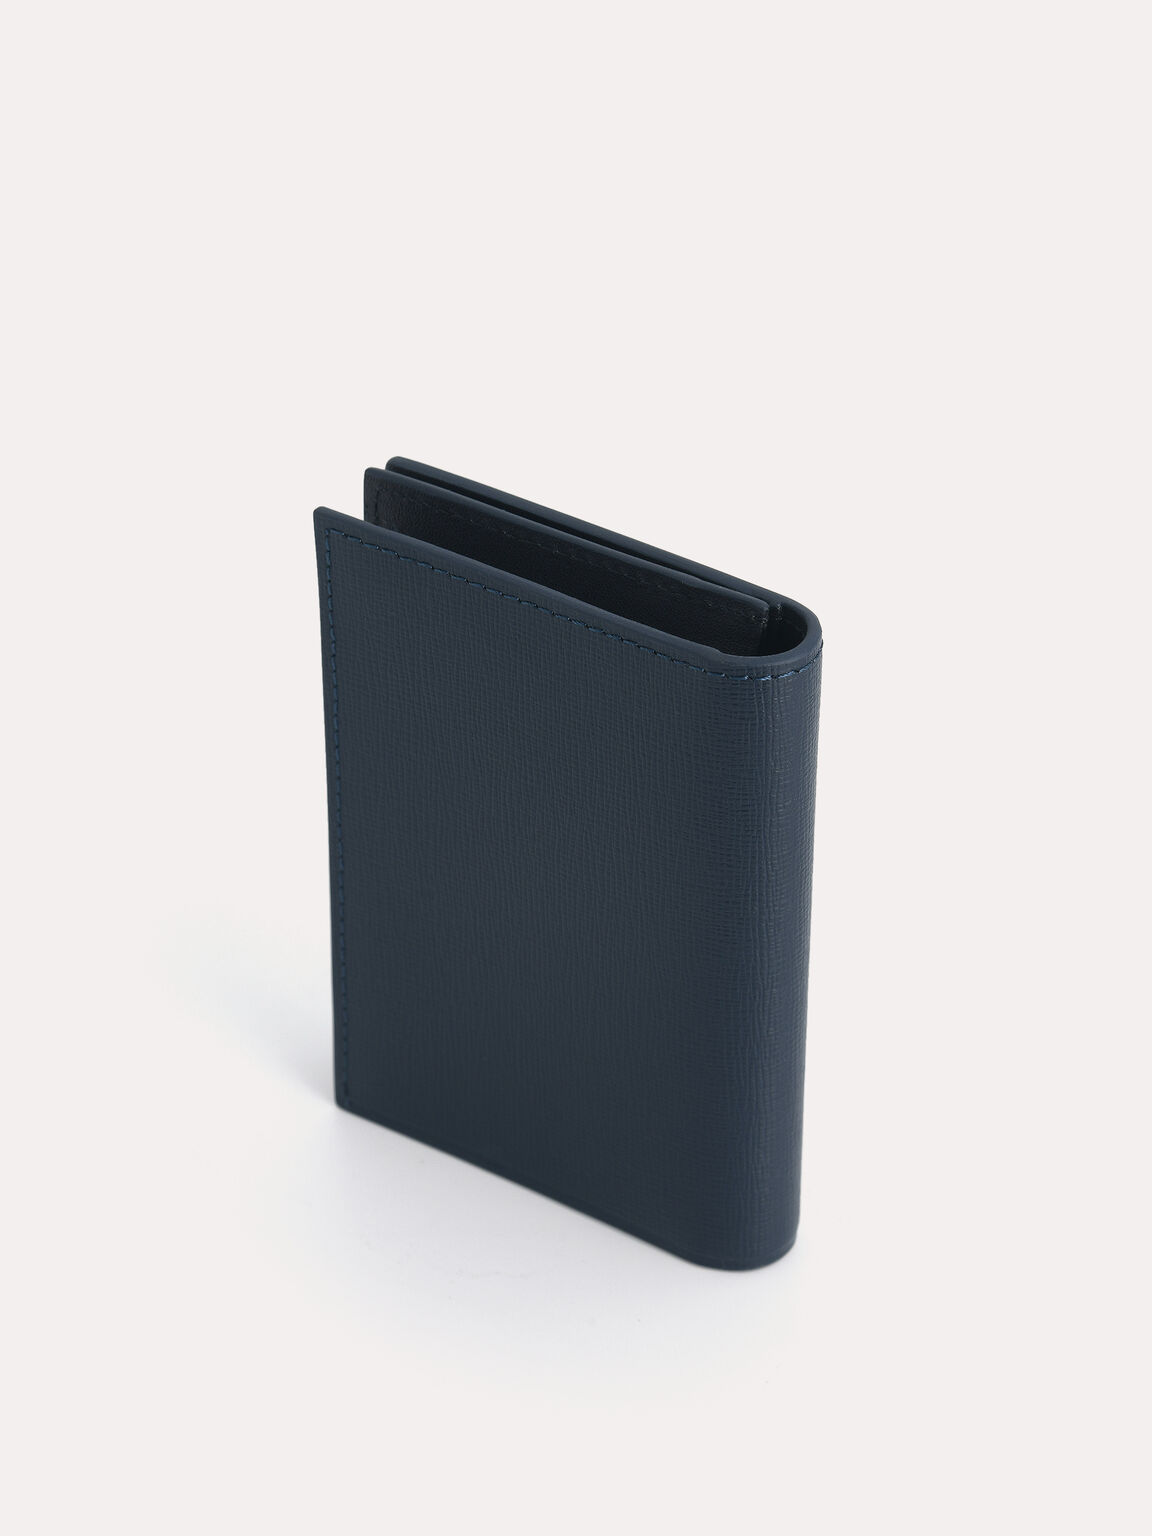 織紋皮革雙折疊卡包, 海军蓝色, hi-res